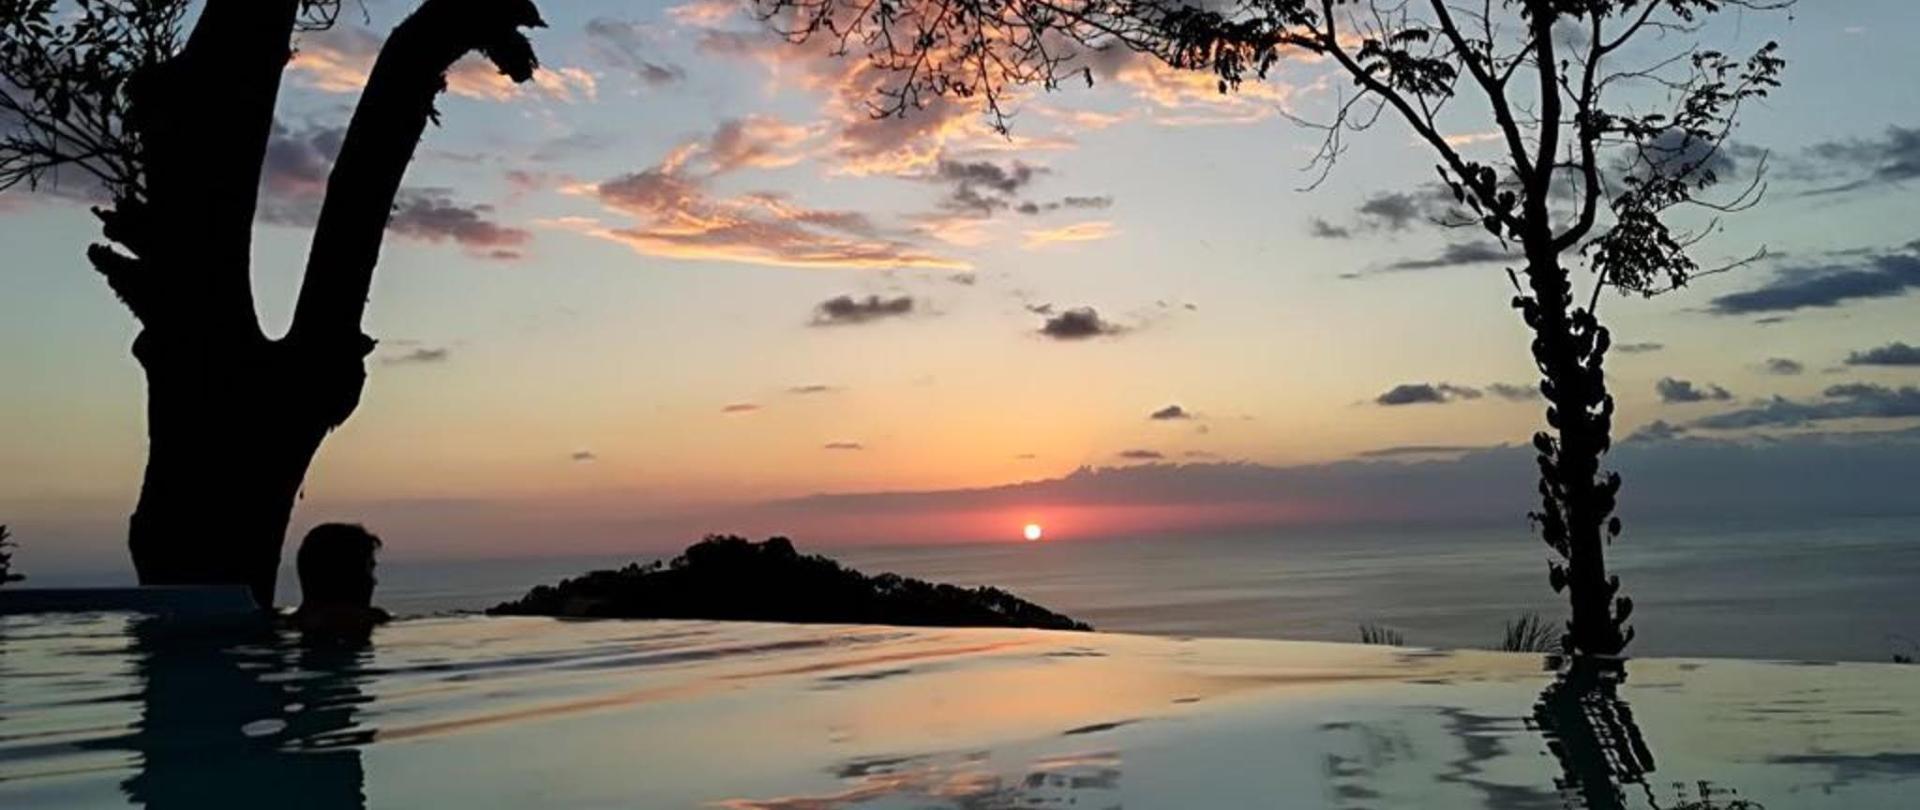 hotel la mariposa, manuel antonio quepos costa rica, spectacular ocean views.jpg